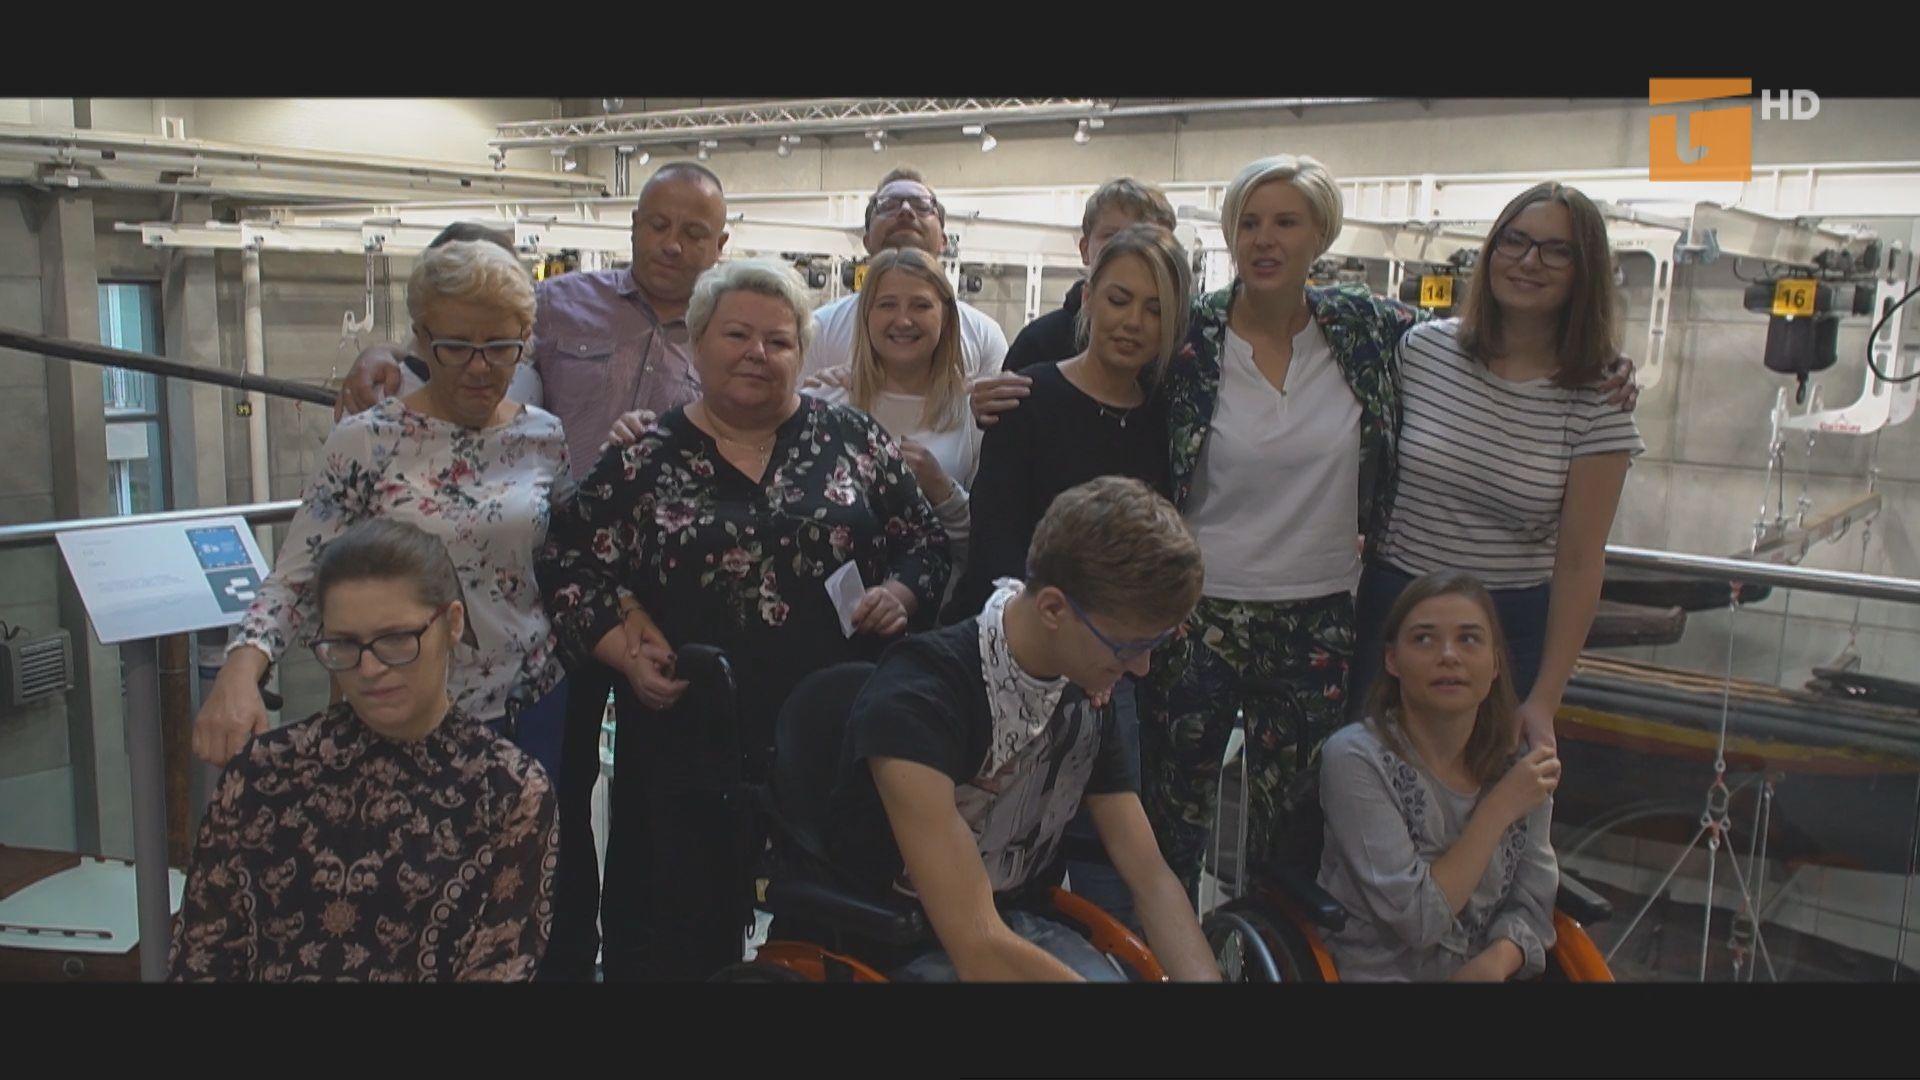 Solidarni z osobami niepełnosprawnymi